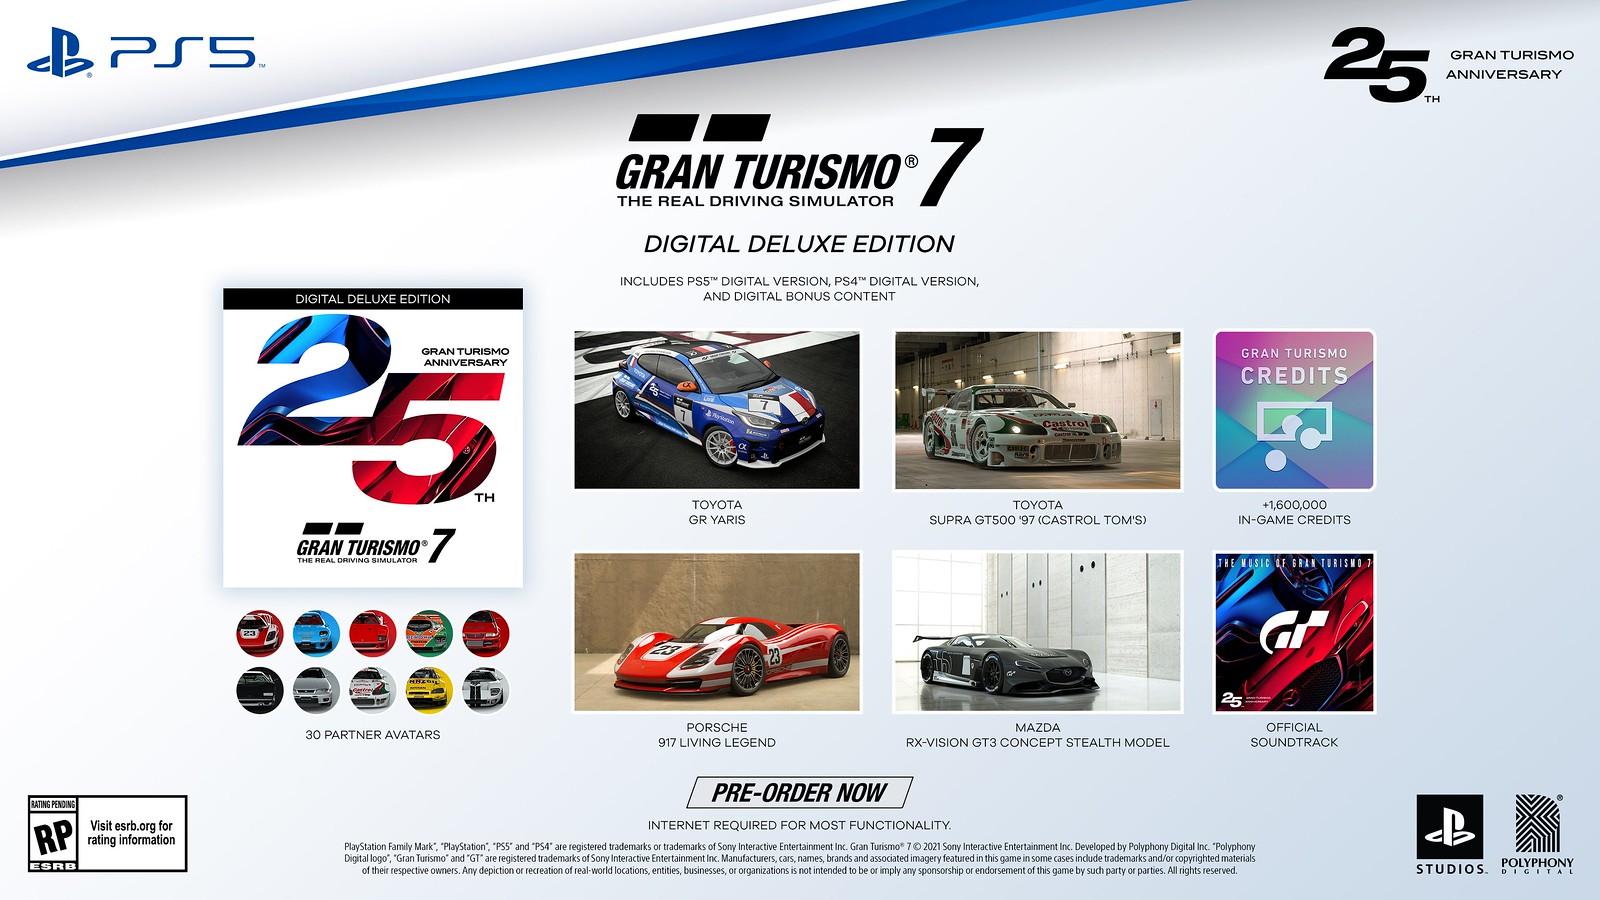 Gran Turismo 25th Anniversary Digital Deluxe Edition